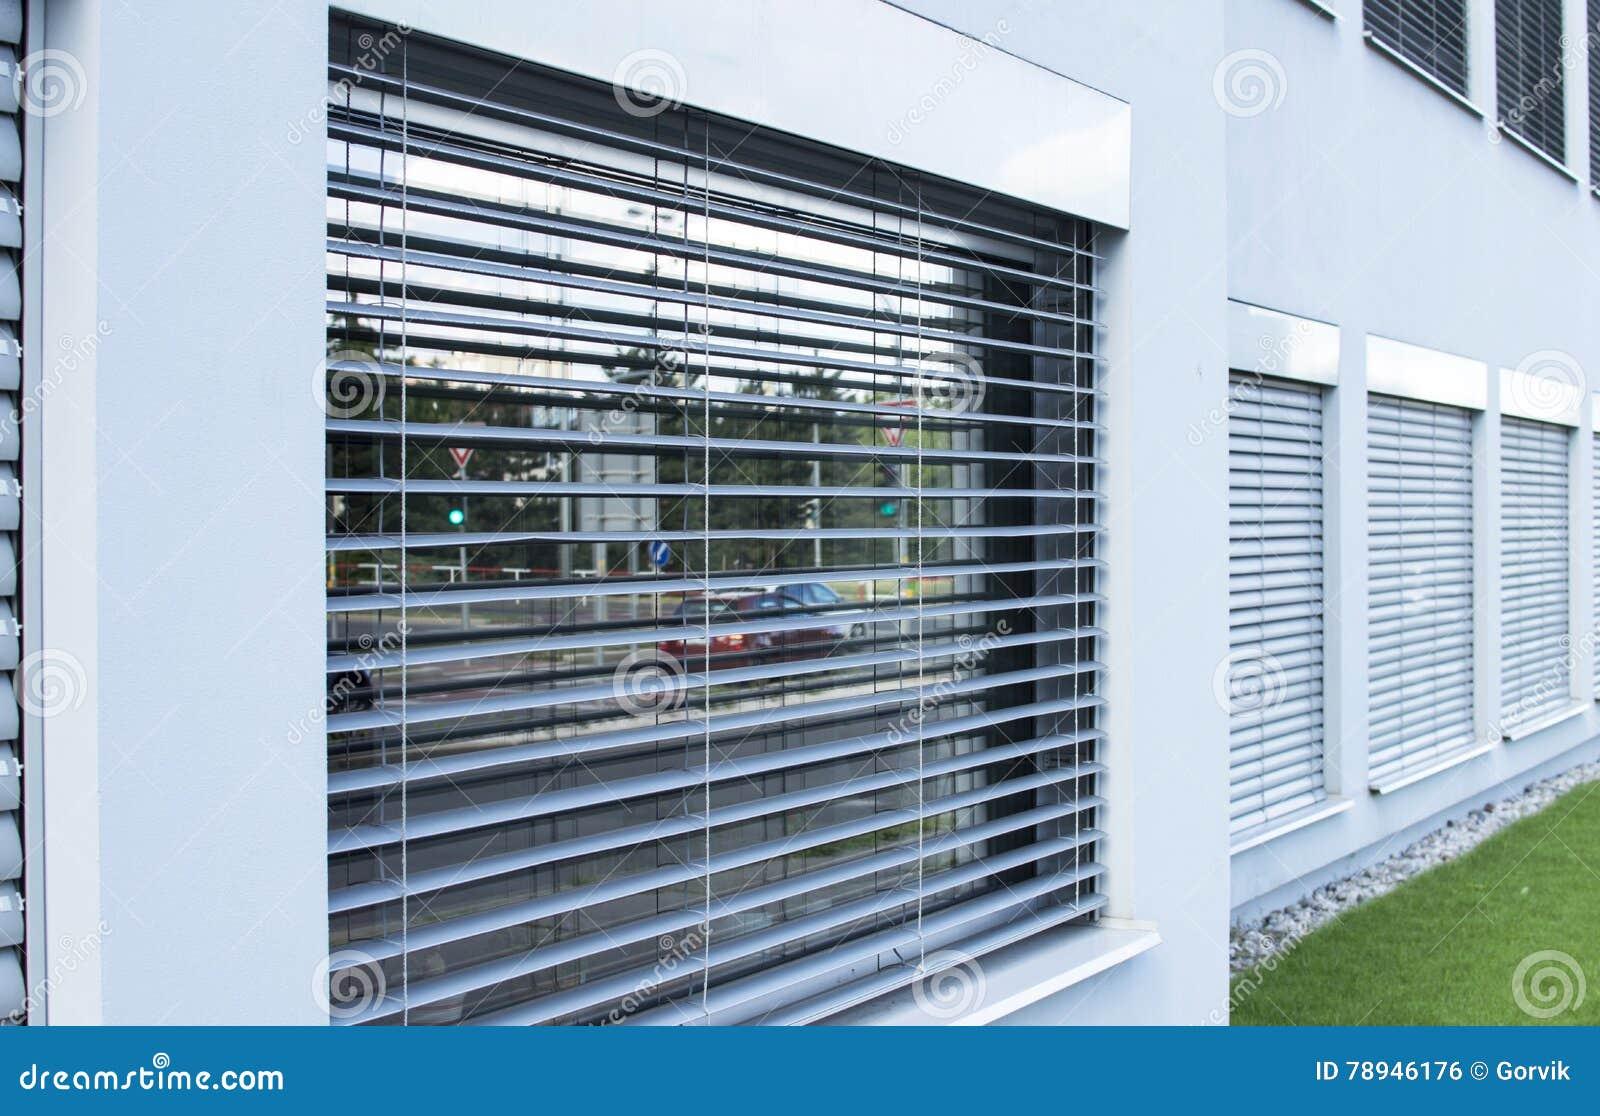 gordijnen zonneblinden op de vensters buiten de onderneming